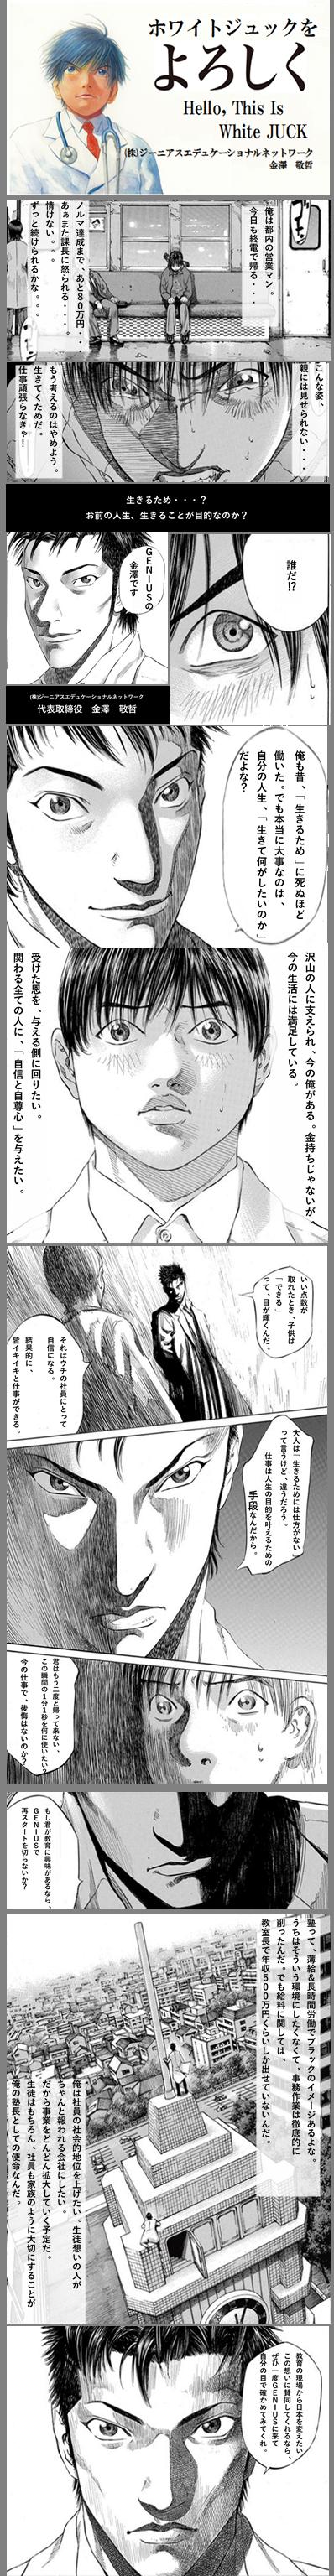 manga_igyoshu.png